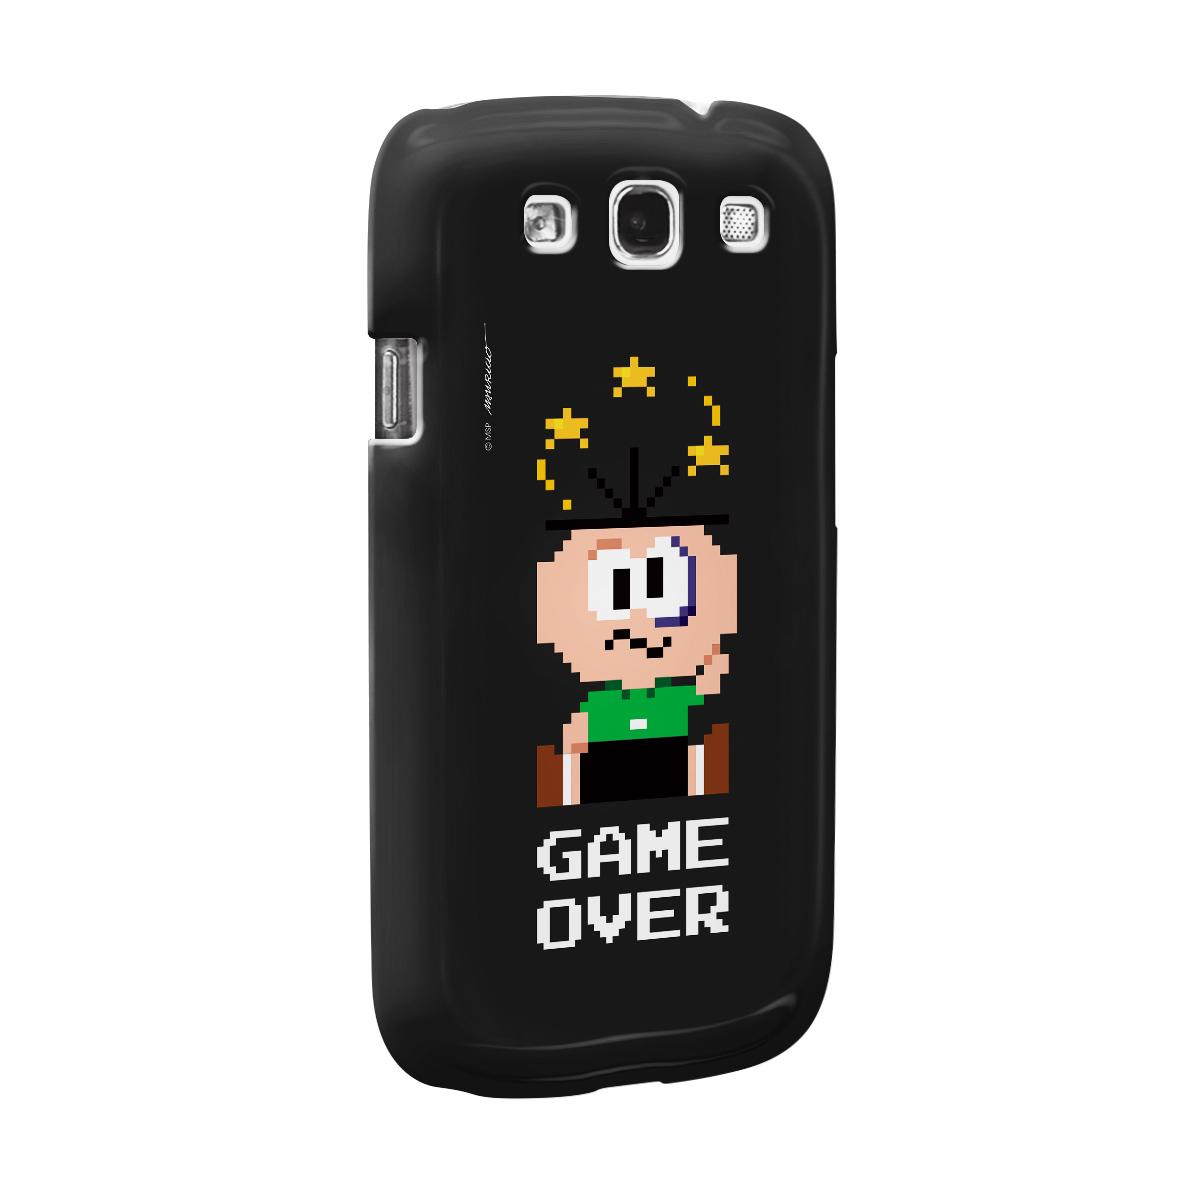 Capa para Samsung Galaxy S3 Turma da Mônica Cebolinha Game Over